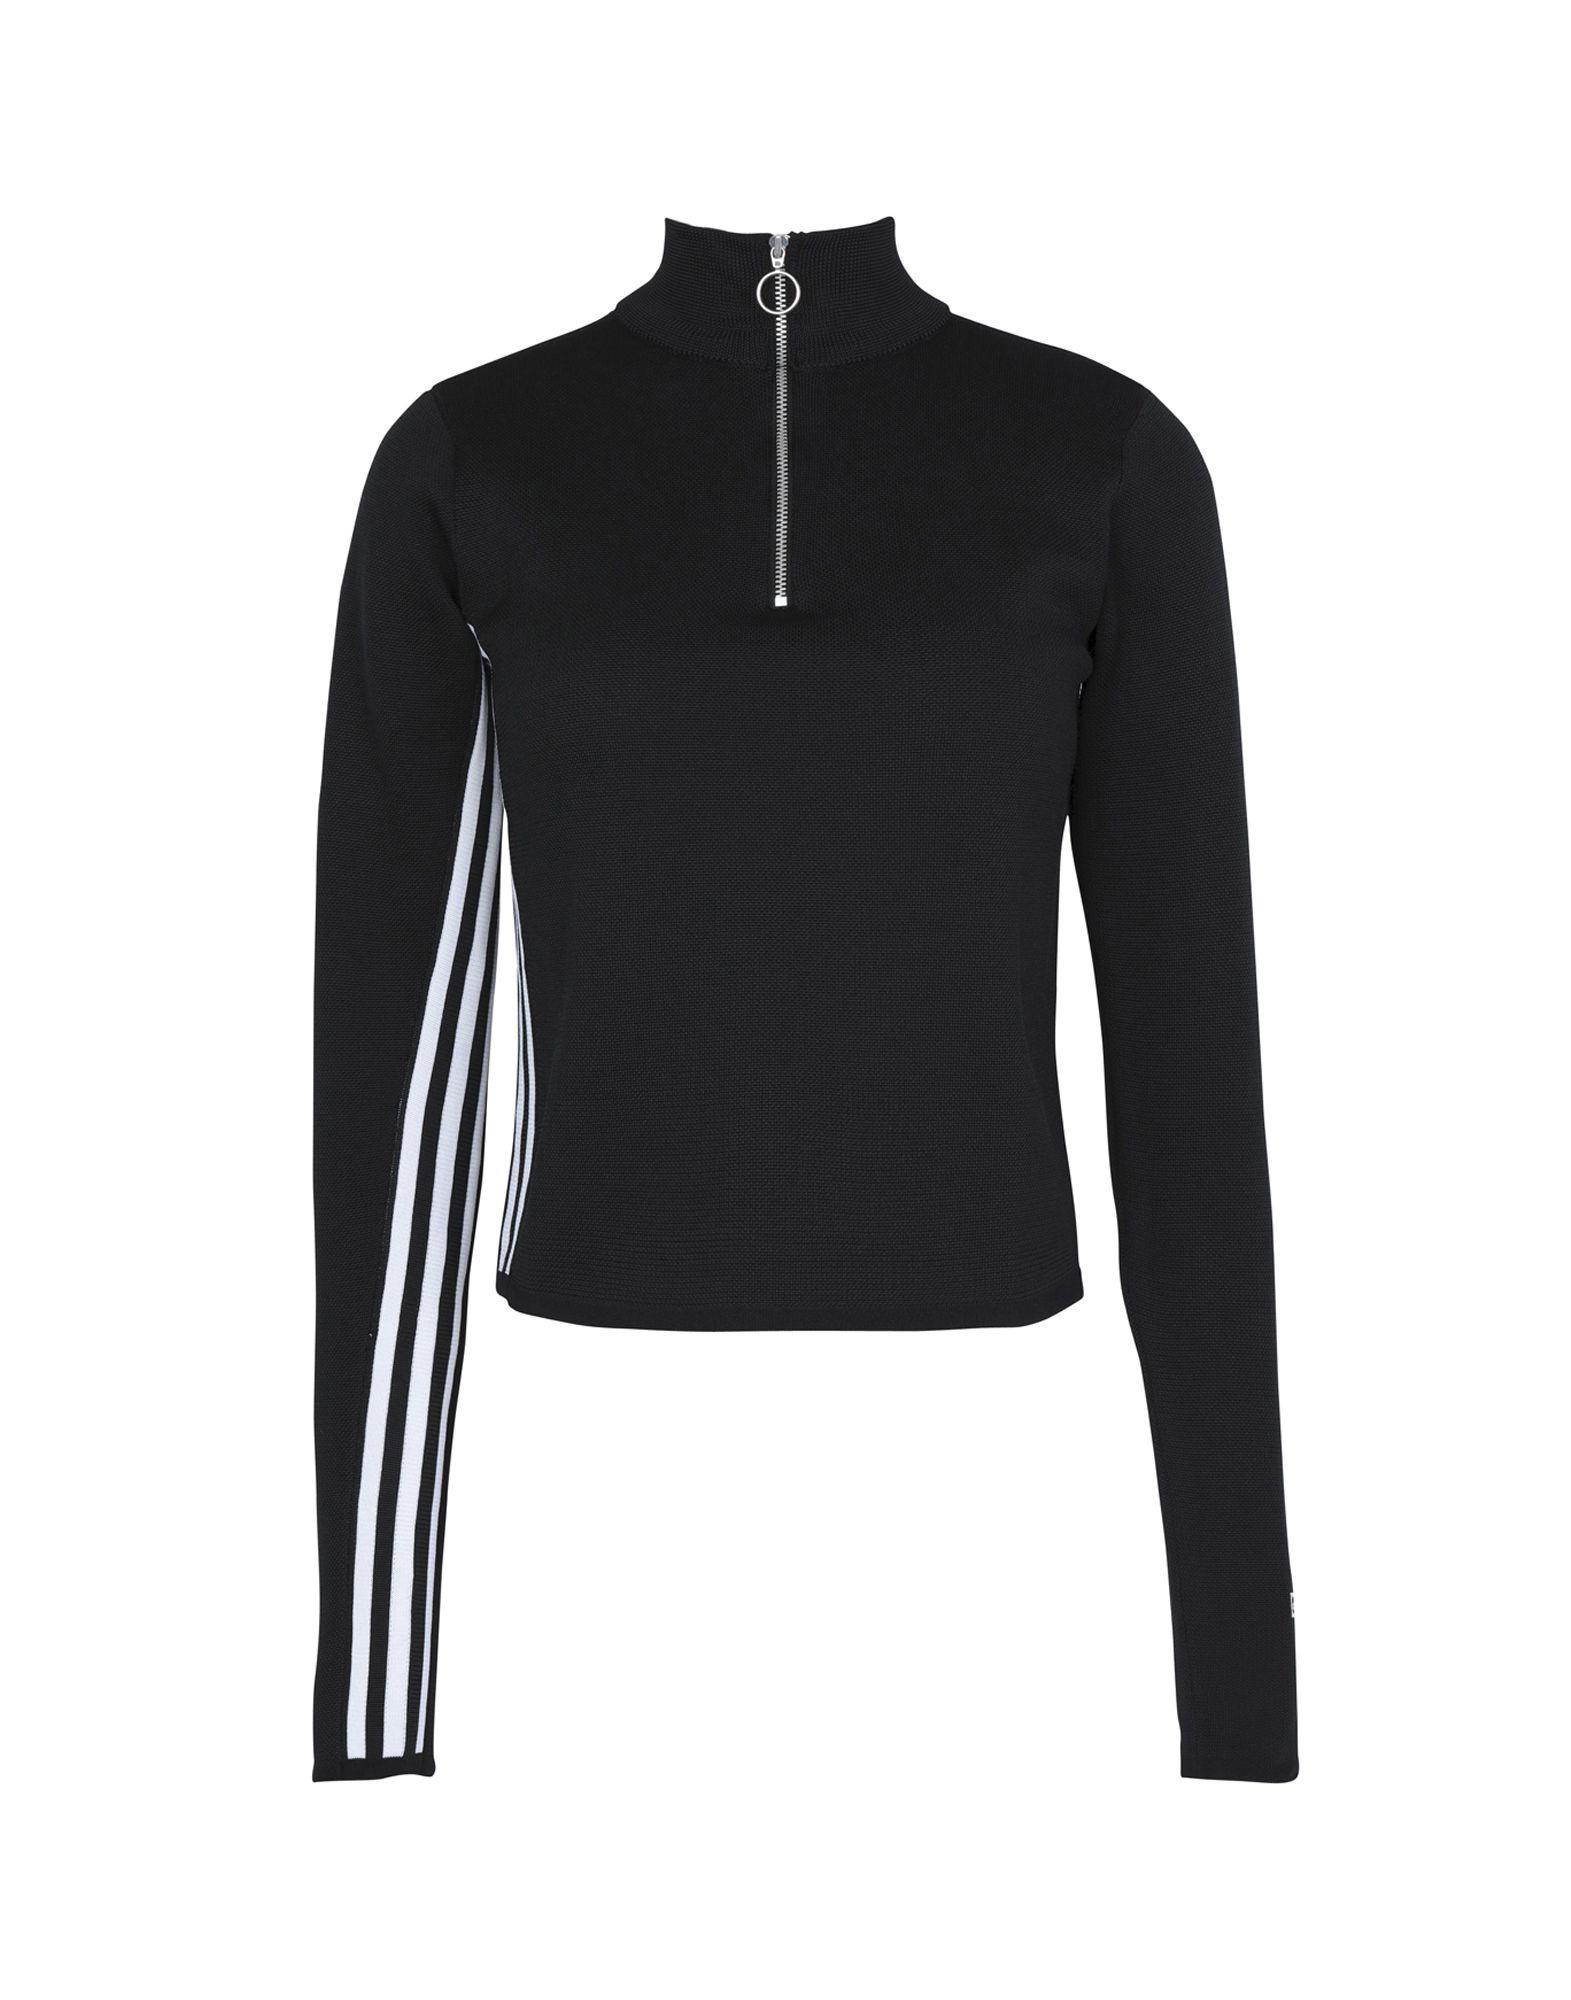 Adidas Originals Μπλουζες Και Φουτερ - Adidas Originals Γυναίκα - YOOX 4c5ec68338a